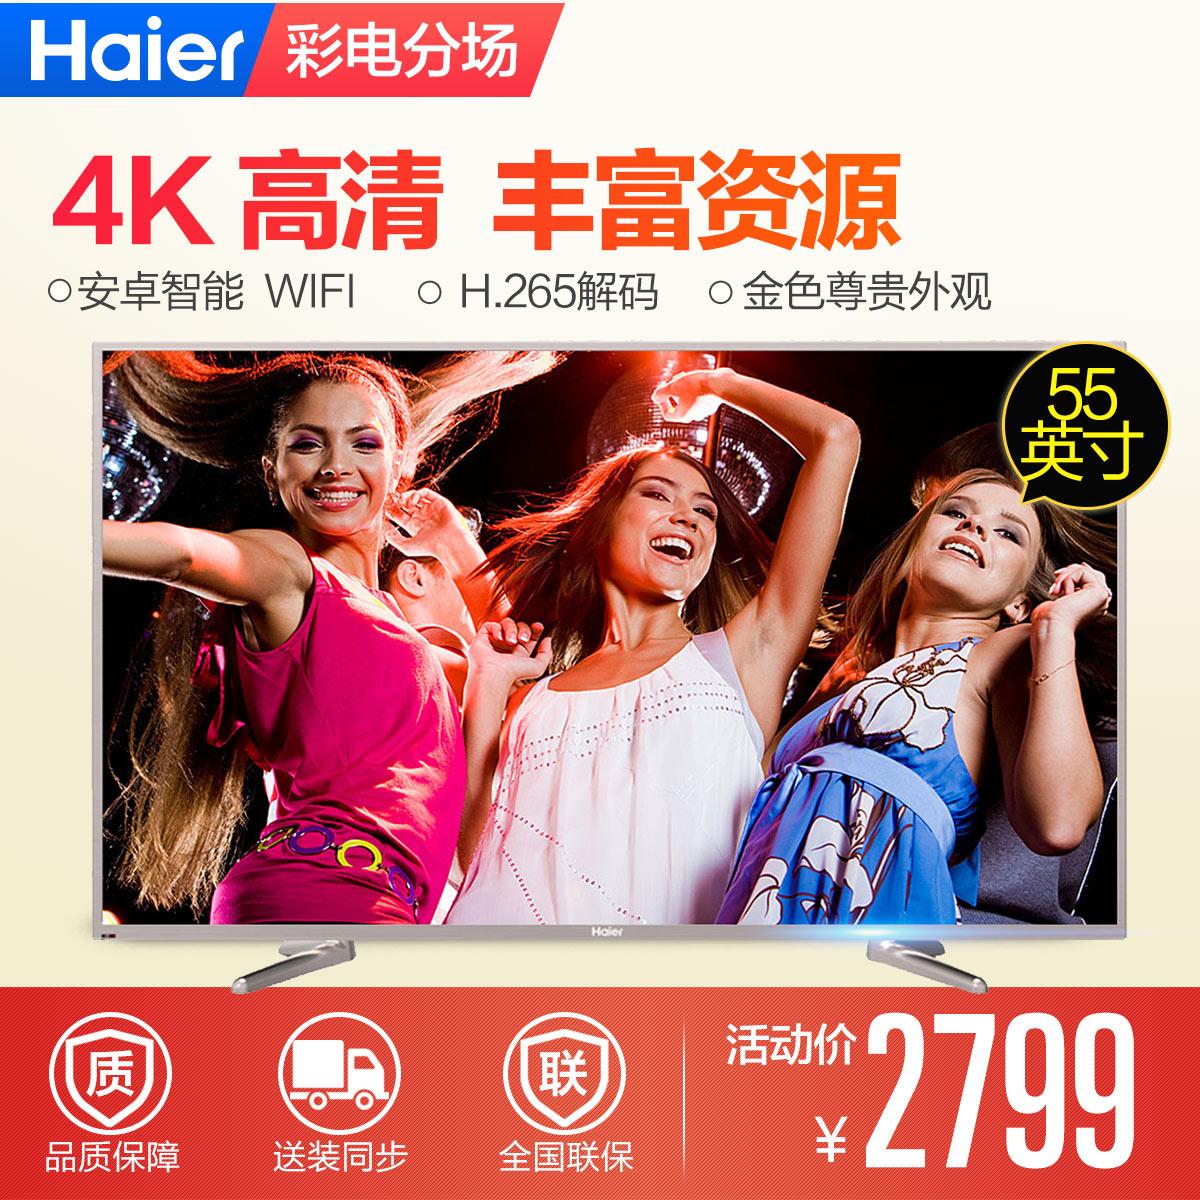 55英寸4K安卓智能WIFI液晶电视,64位高速处理器,H.265解码,支持USB、HDMI双解码4K片源,丰富的影音资源,金色外观,彰显尊贵。 LS55M31